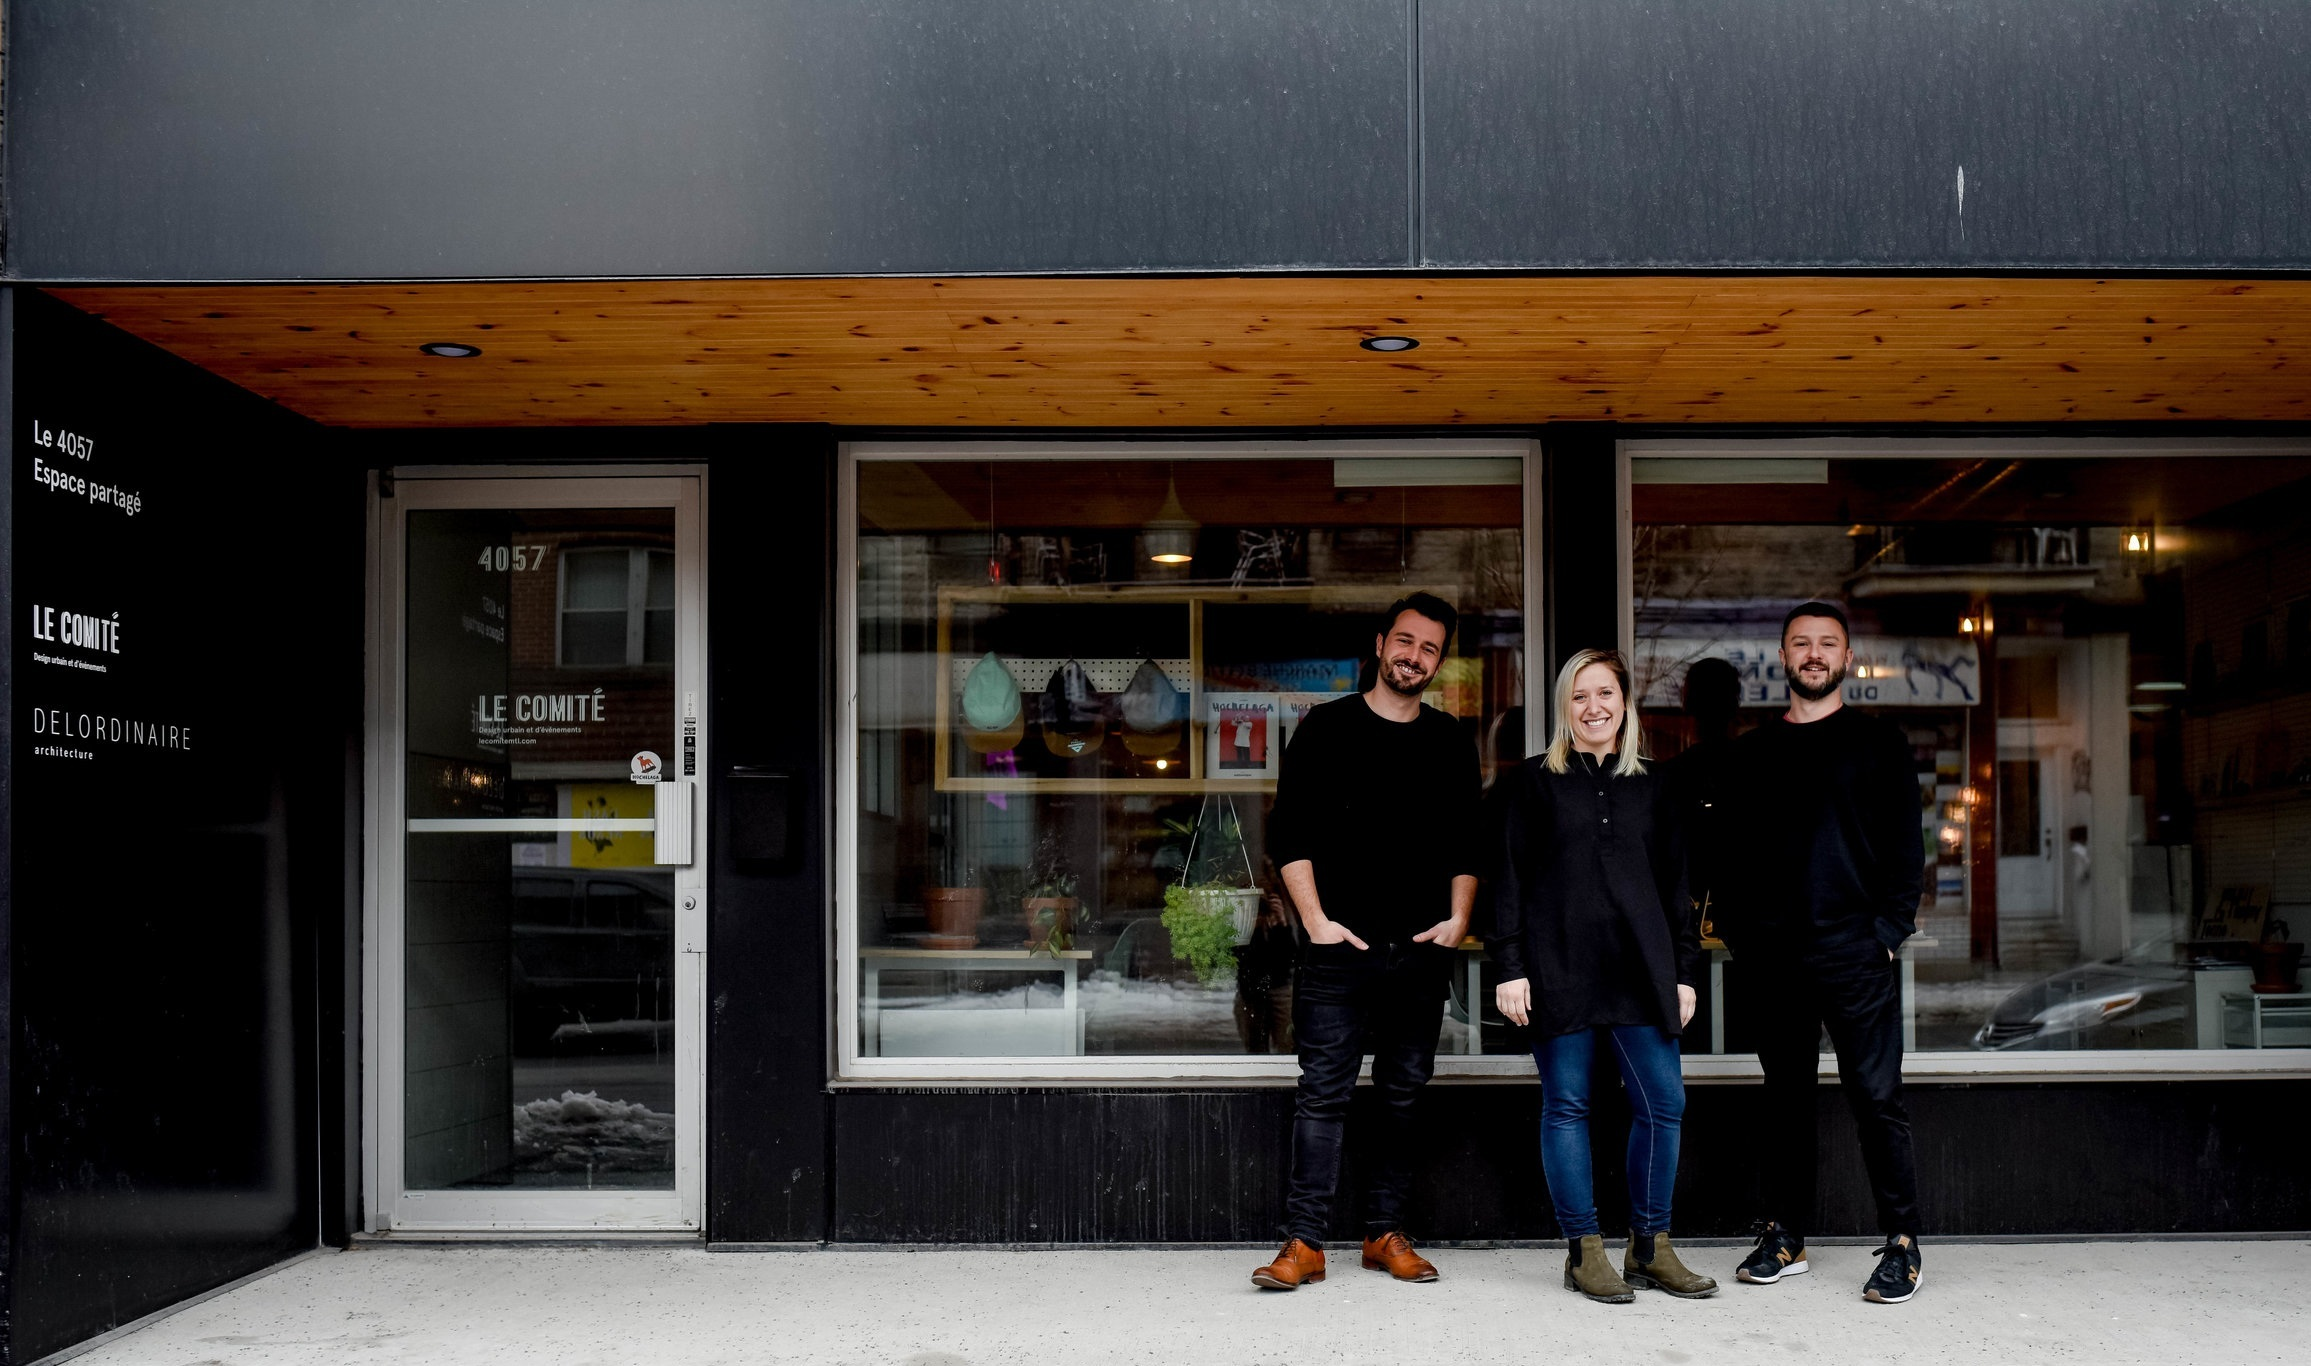 Le Comité est une coopérative de travail basée à Montréal et fondée en 2016 par Emilie Gagnon, Maxim Bonin et Pierre Moro-Lin. -